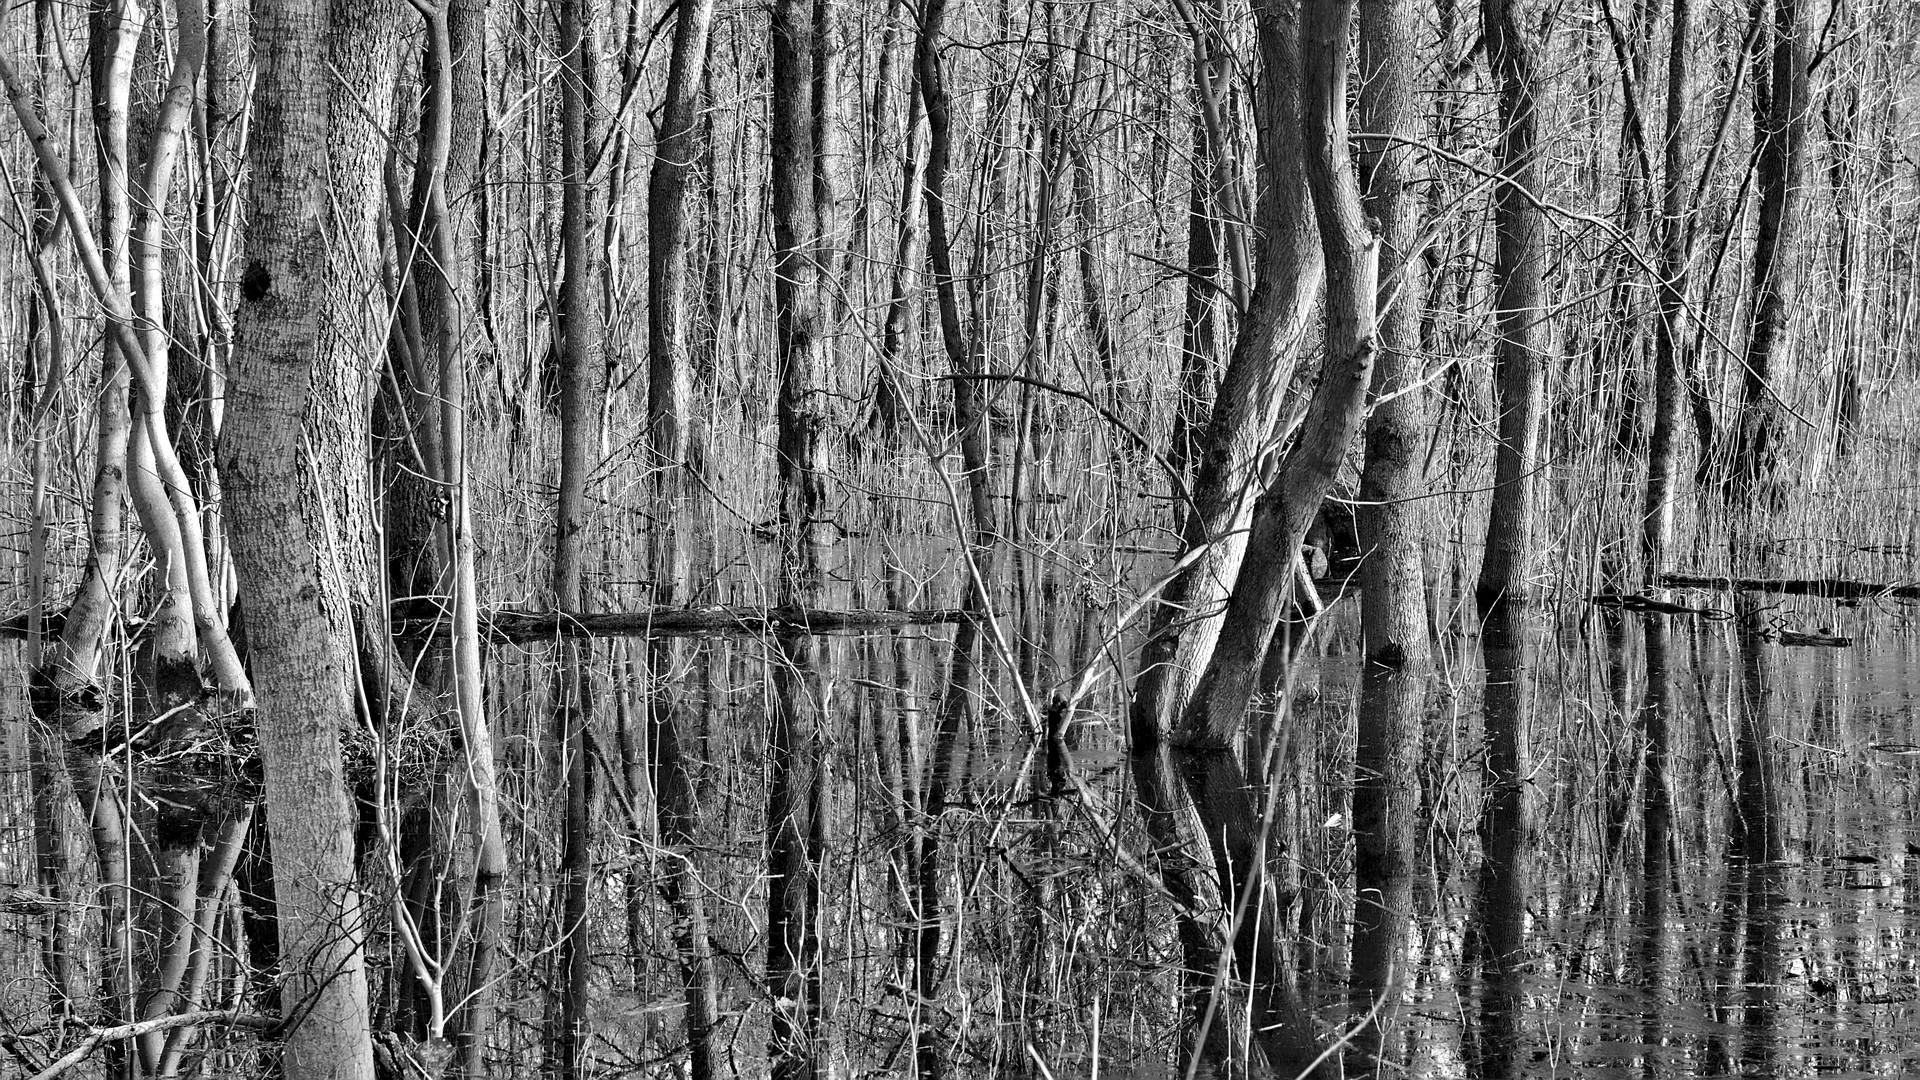 swamp / Moor